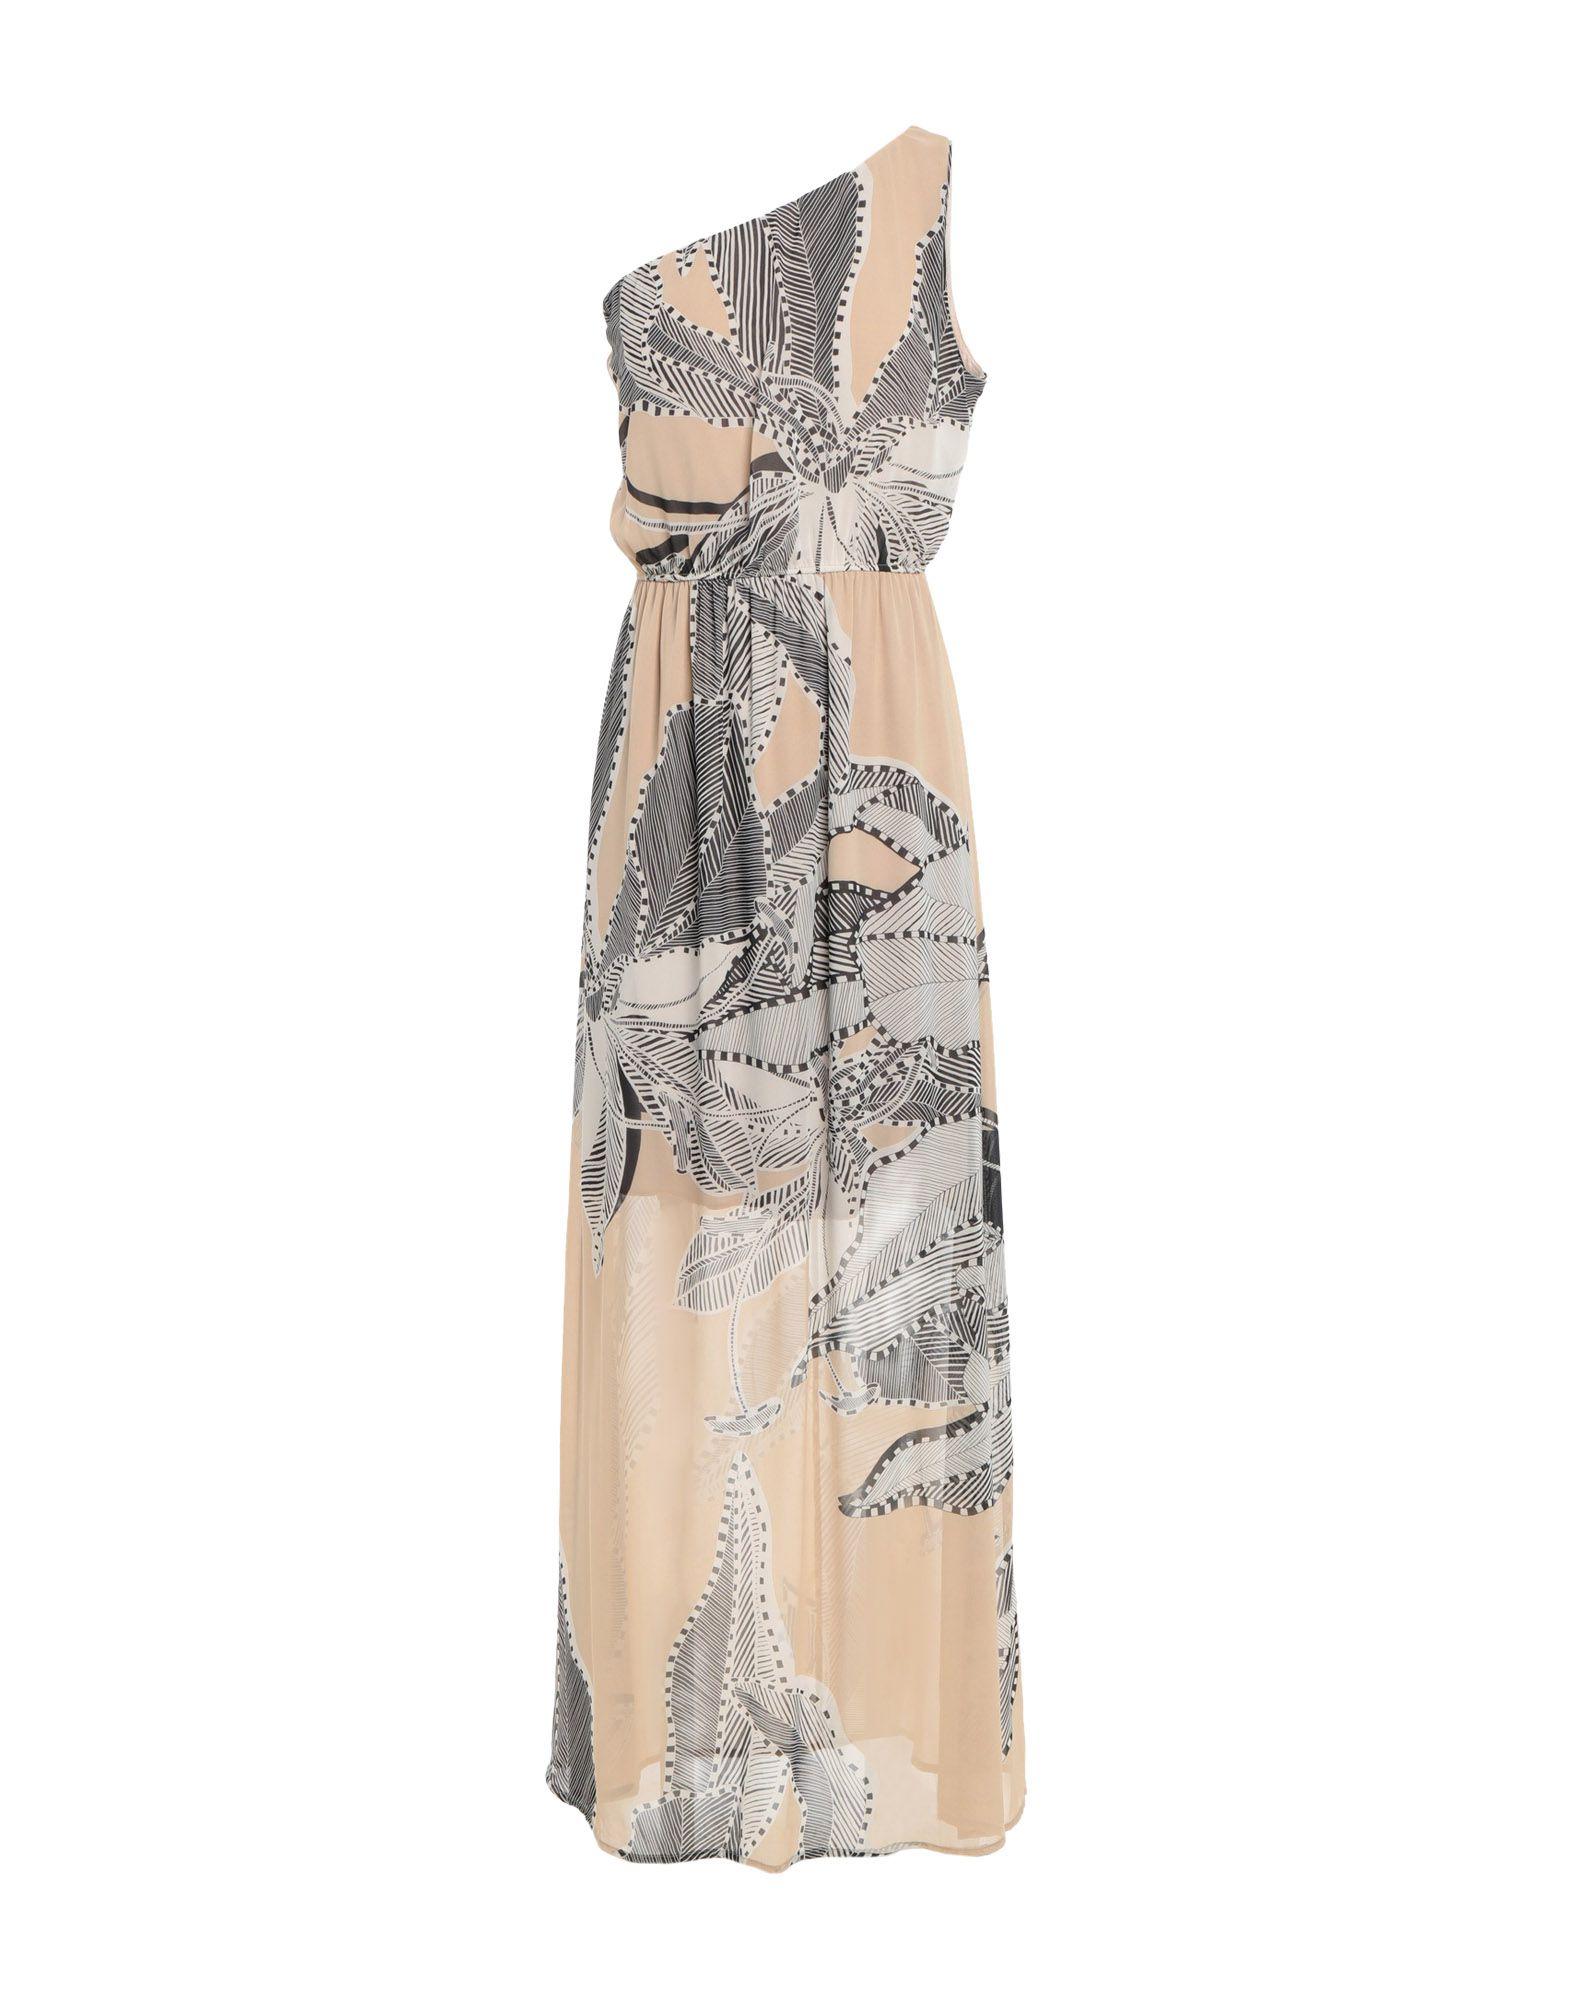 GIORGIA & JOHNS Длинное платье 923 зима полный дрель бархат вечернее платье длинное плечо банкет тост одежды тонкий тонкий хост